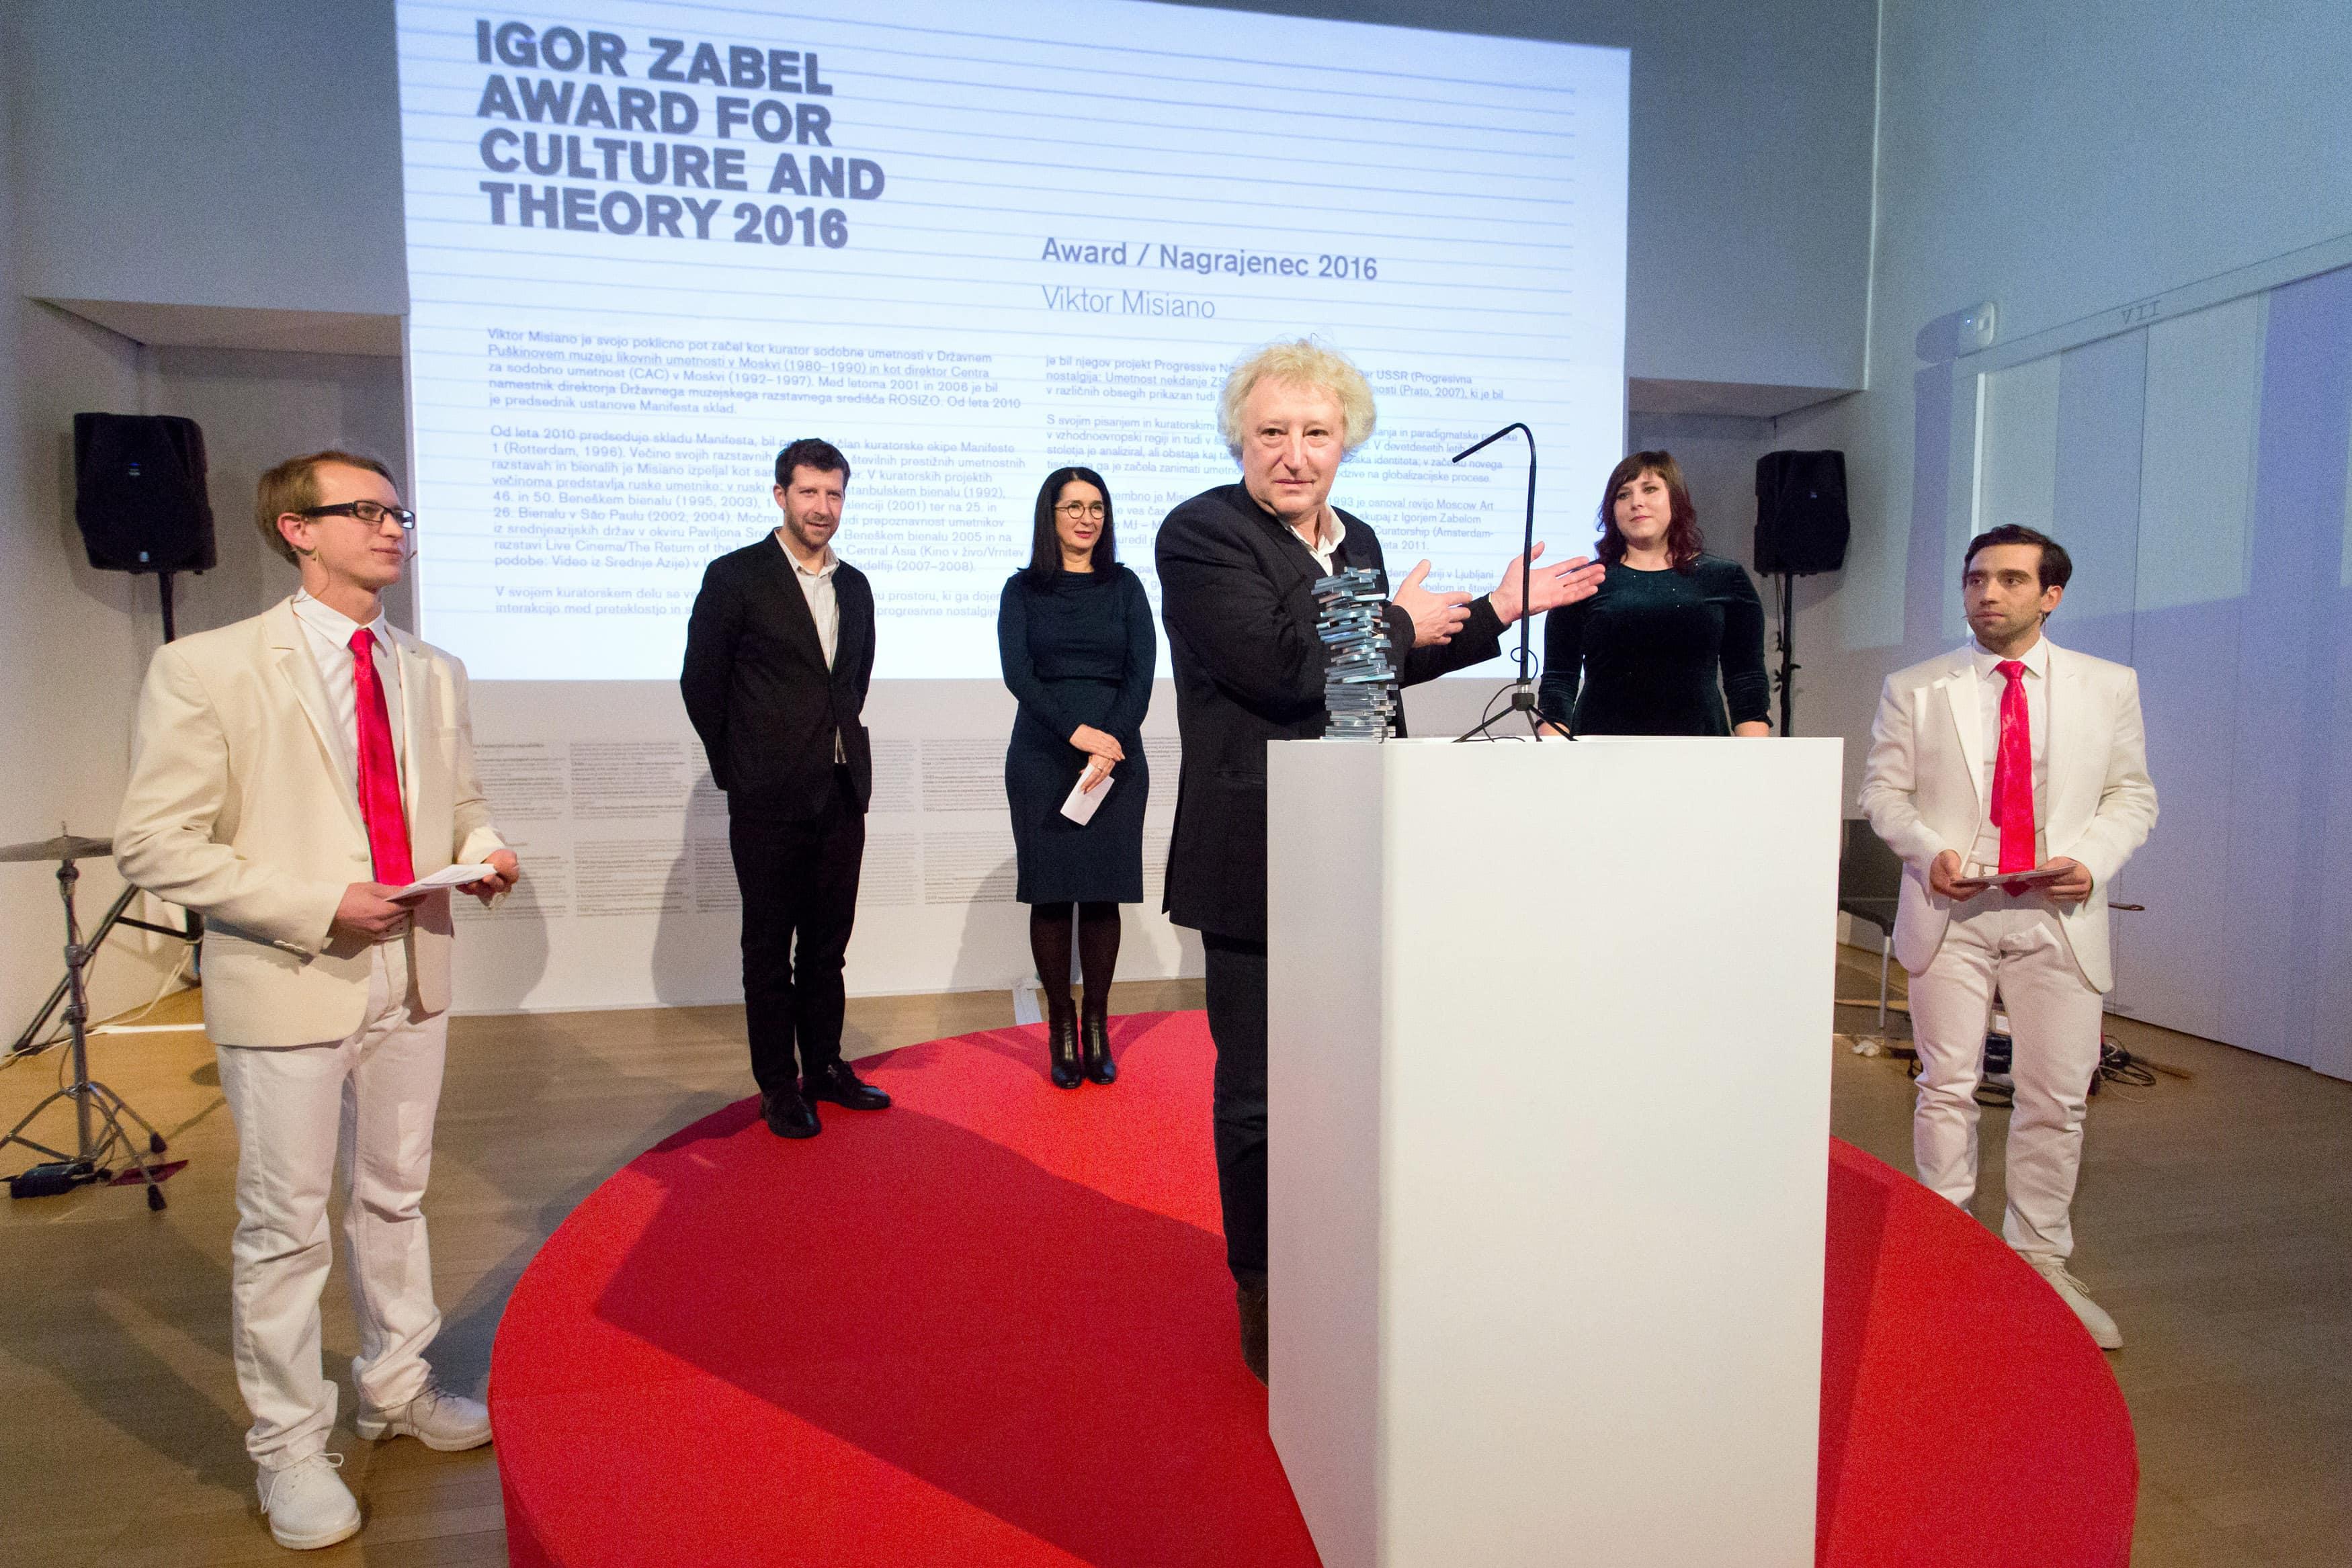 Viktor Misiano, winner of the Igor Zabel Award for Culture and Theory 2016. Photo: Nada Žgank